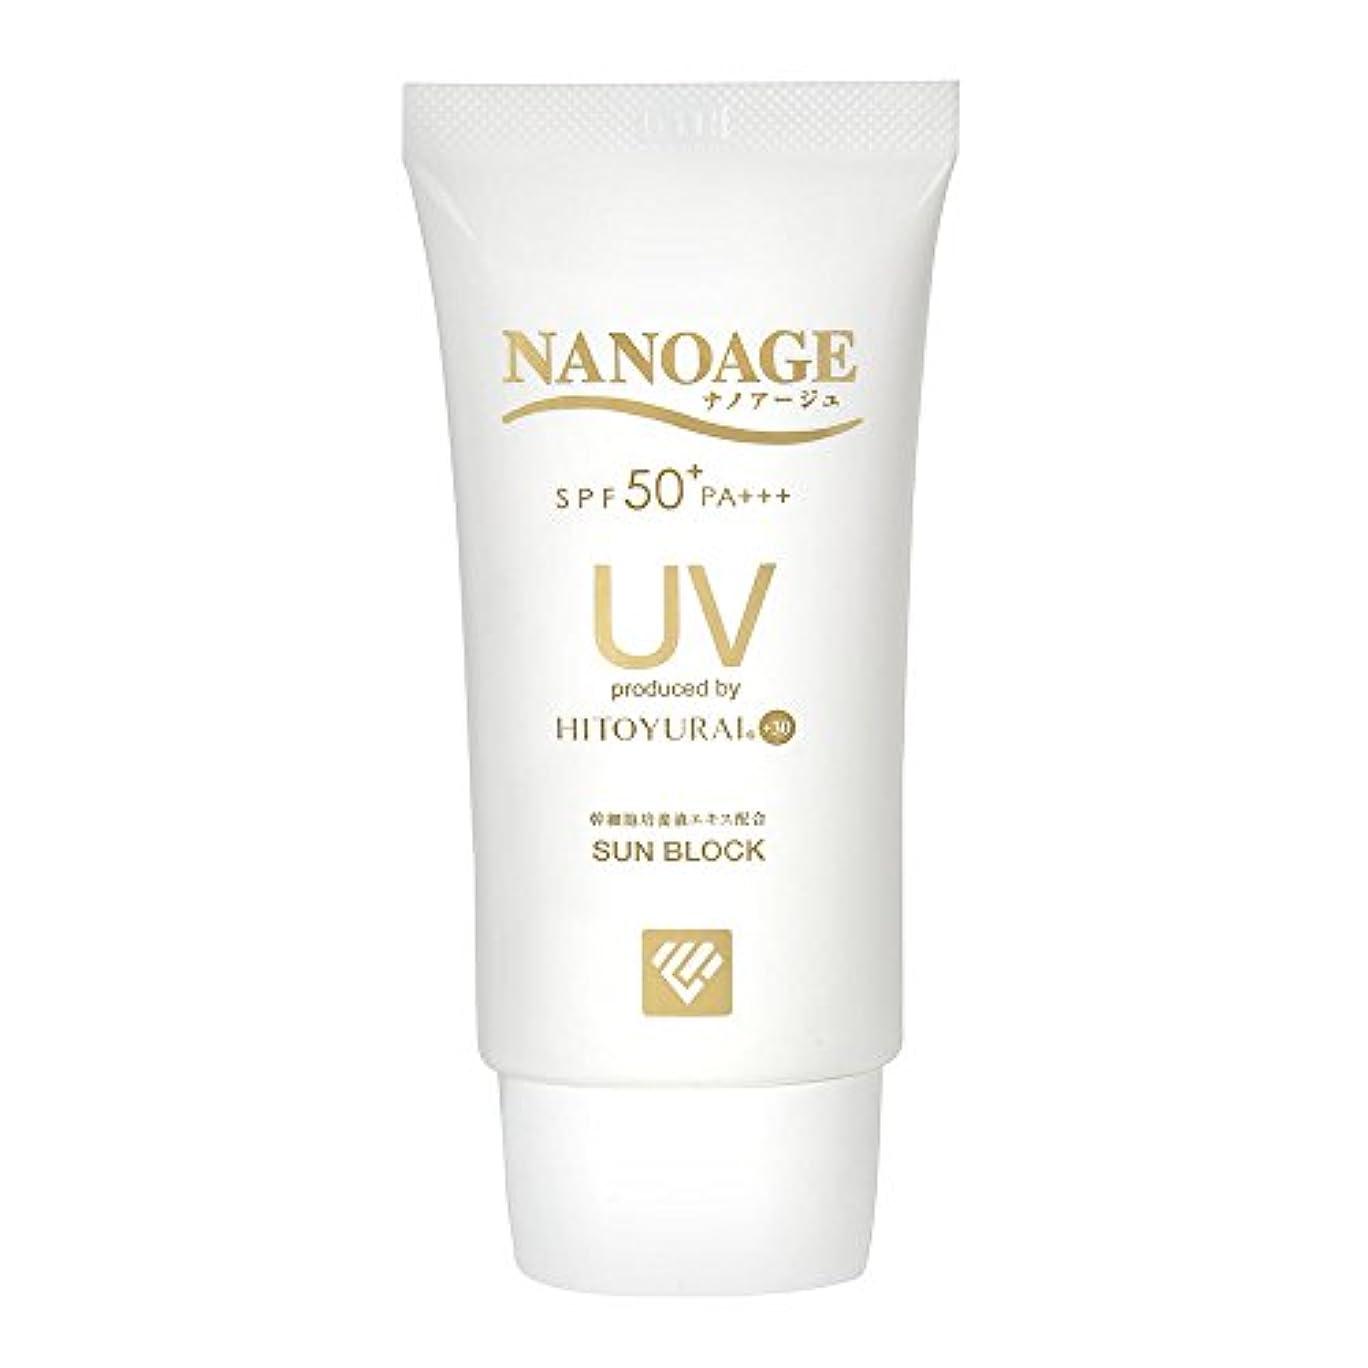 治世オーナー円形のNANOAGE(ナノアージュ) UVクリーム SPF50+ PA+++ 40ml